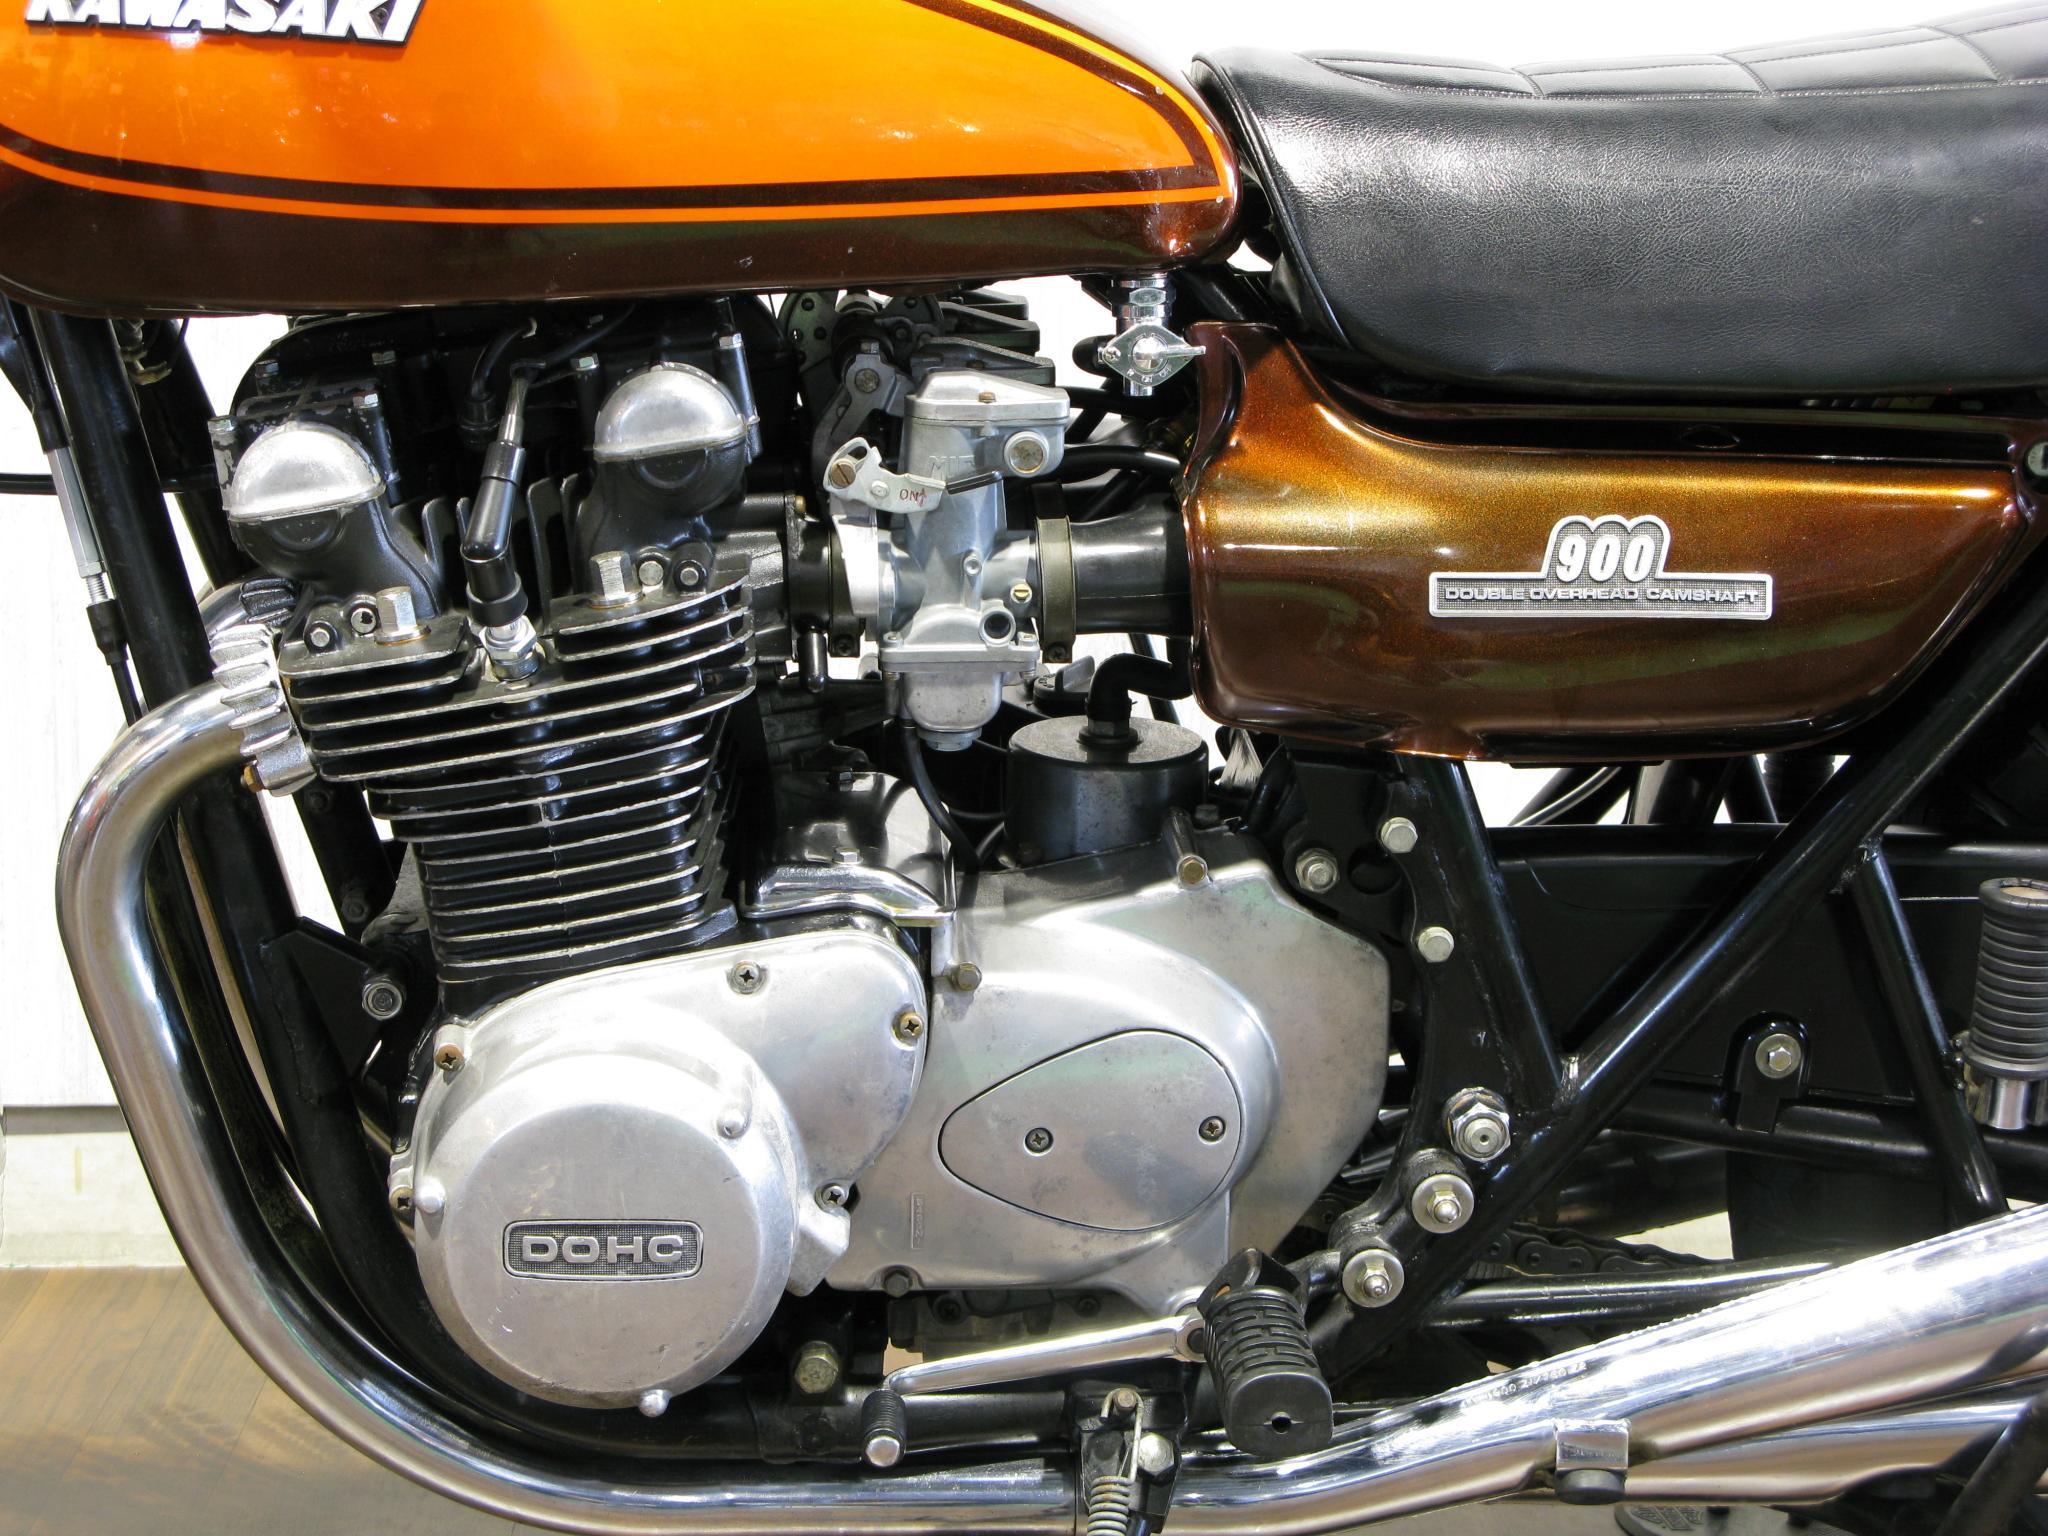 カワサキ 1973 Kawasaki Z1 車体写真8